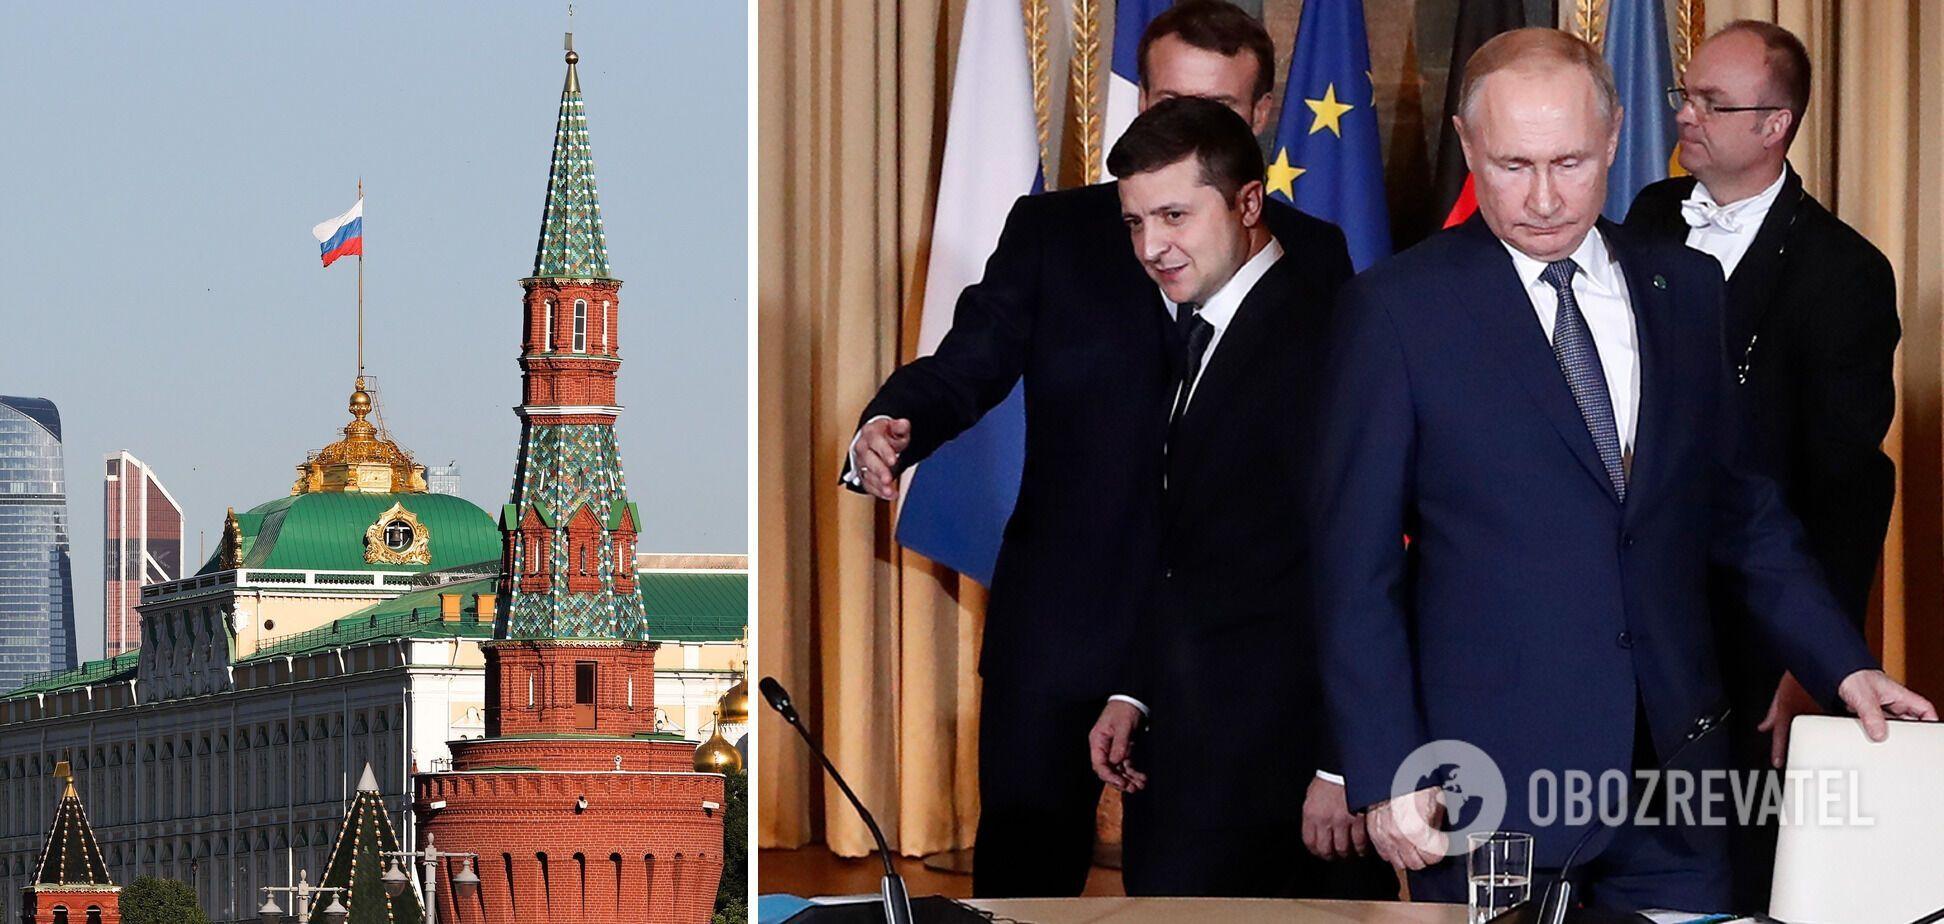 Путін уникає зустрічі із Зеленським